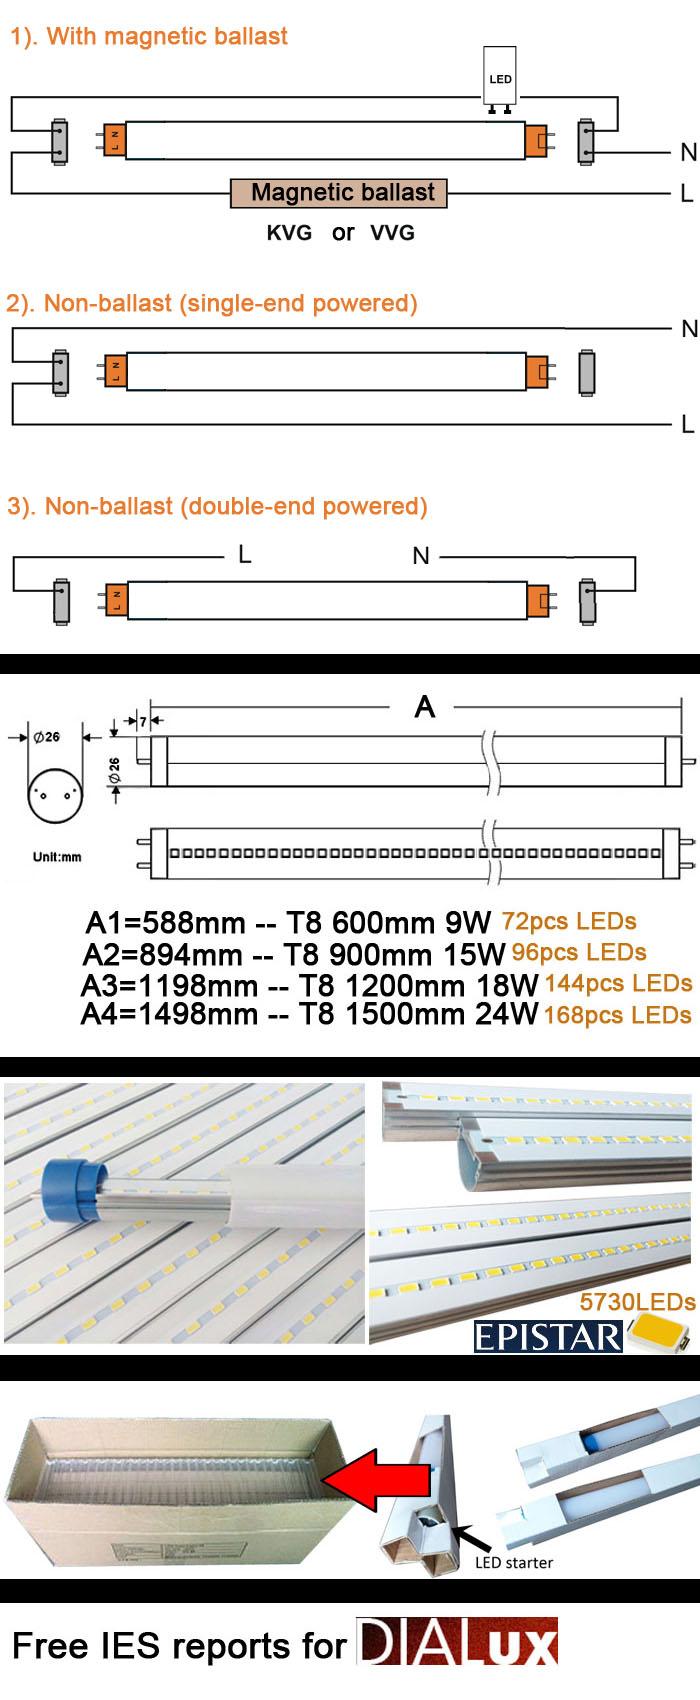 Bright LED Lighting LED Tube Light for Industrial